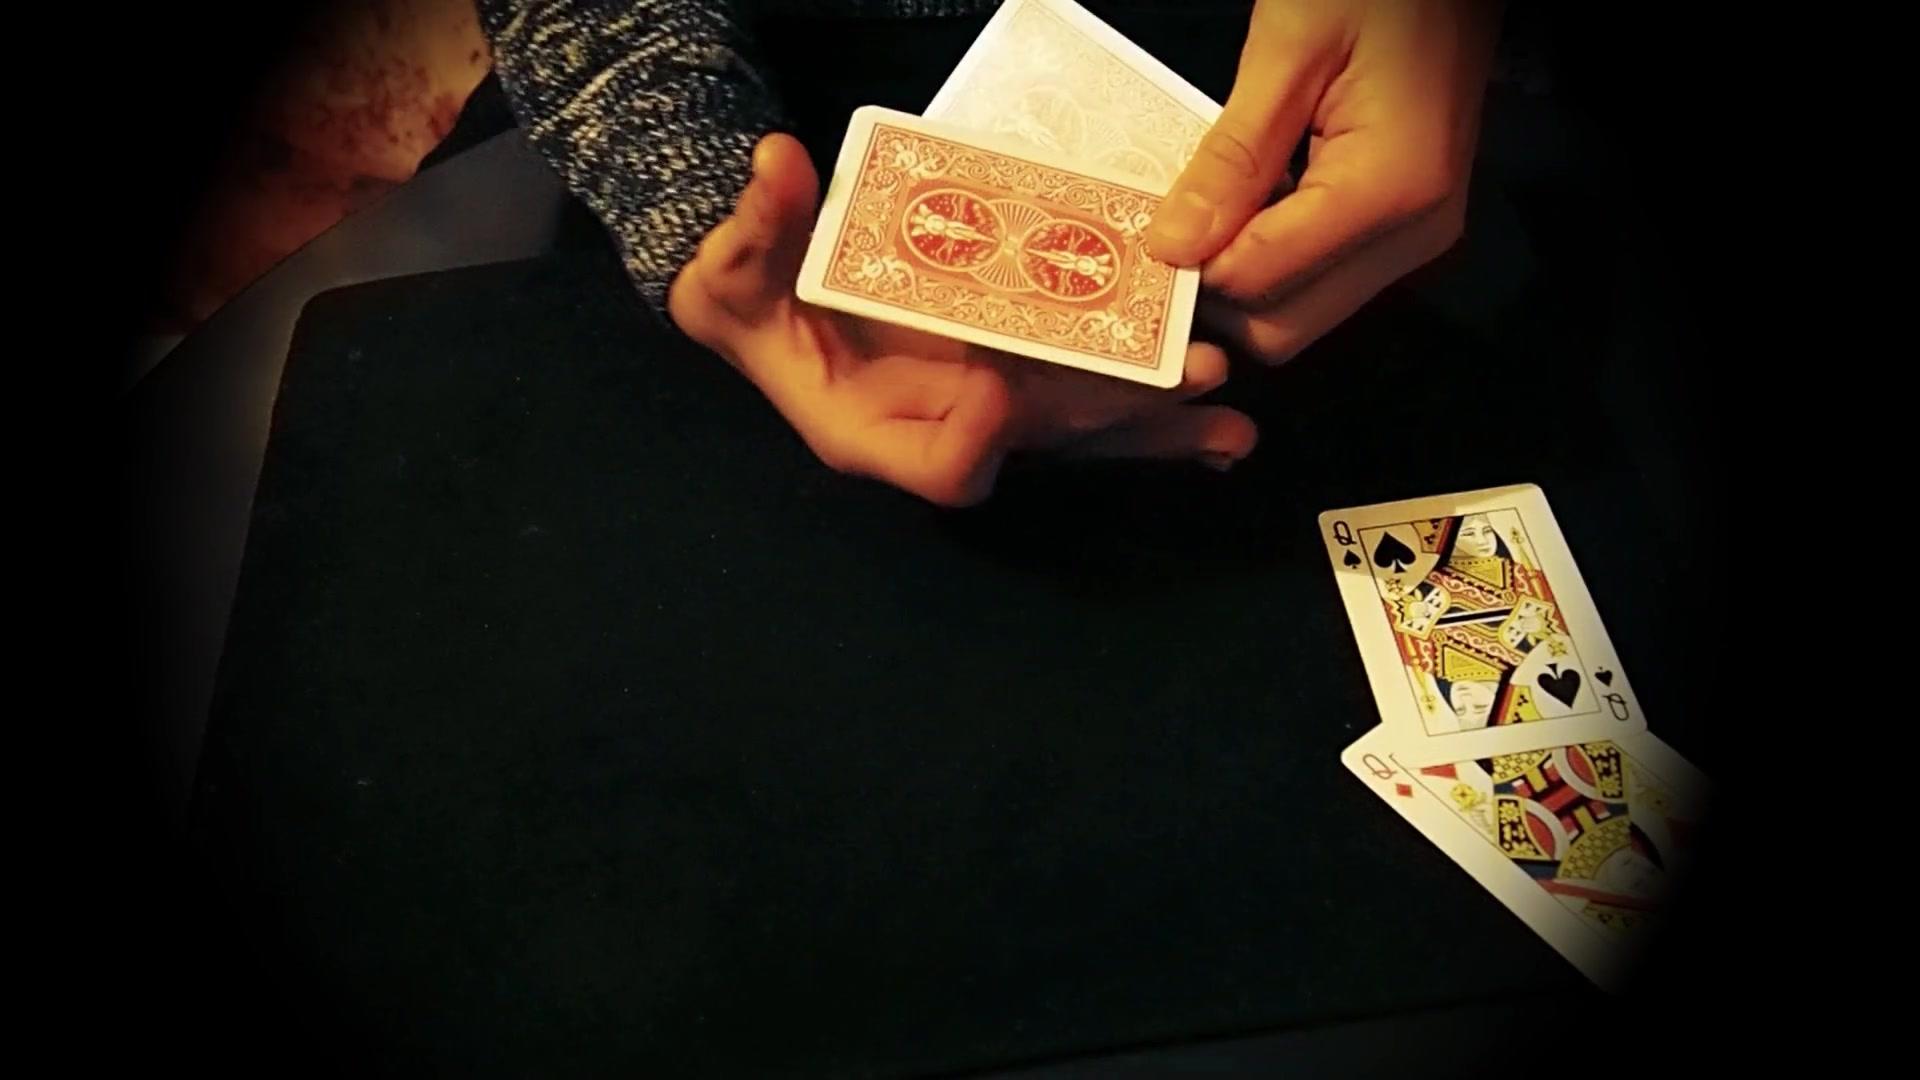 刘谦扑克牌魔术揭秘_纸牌硬币魔术教学-